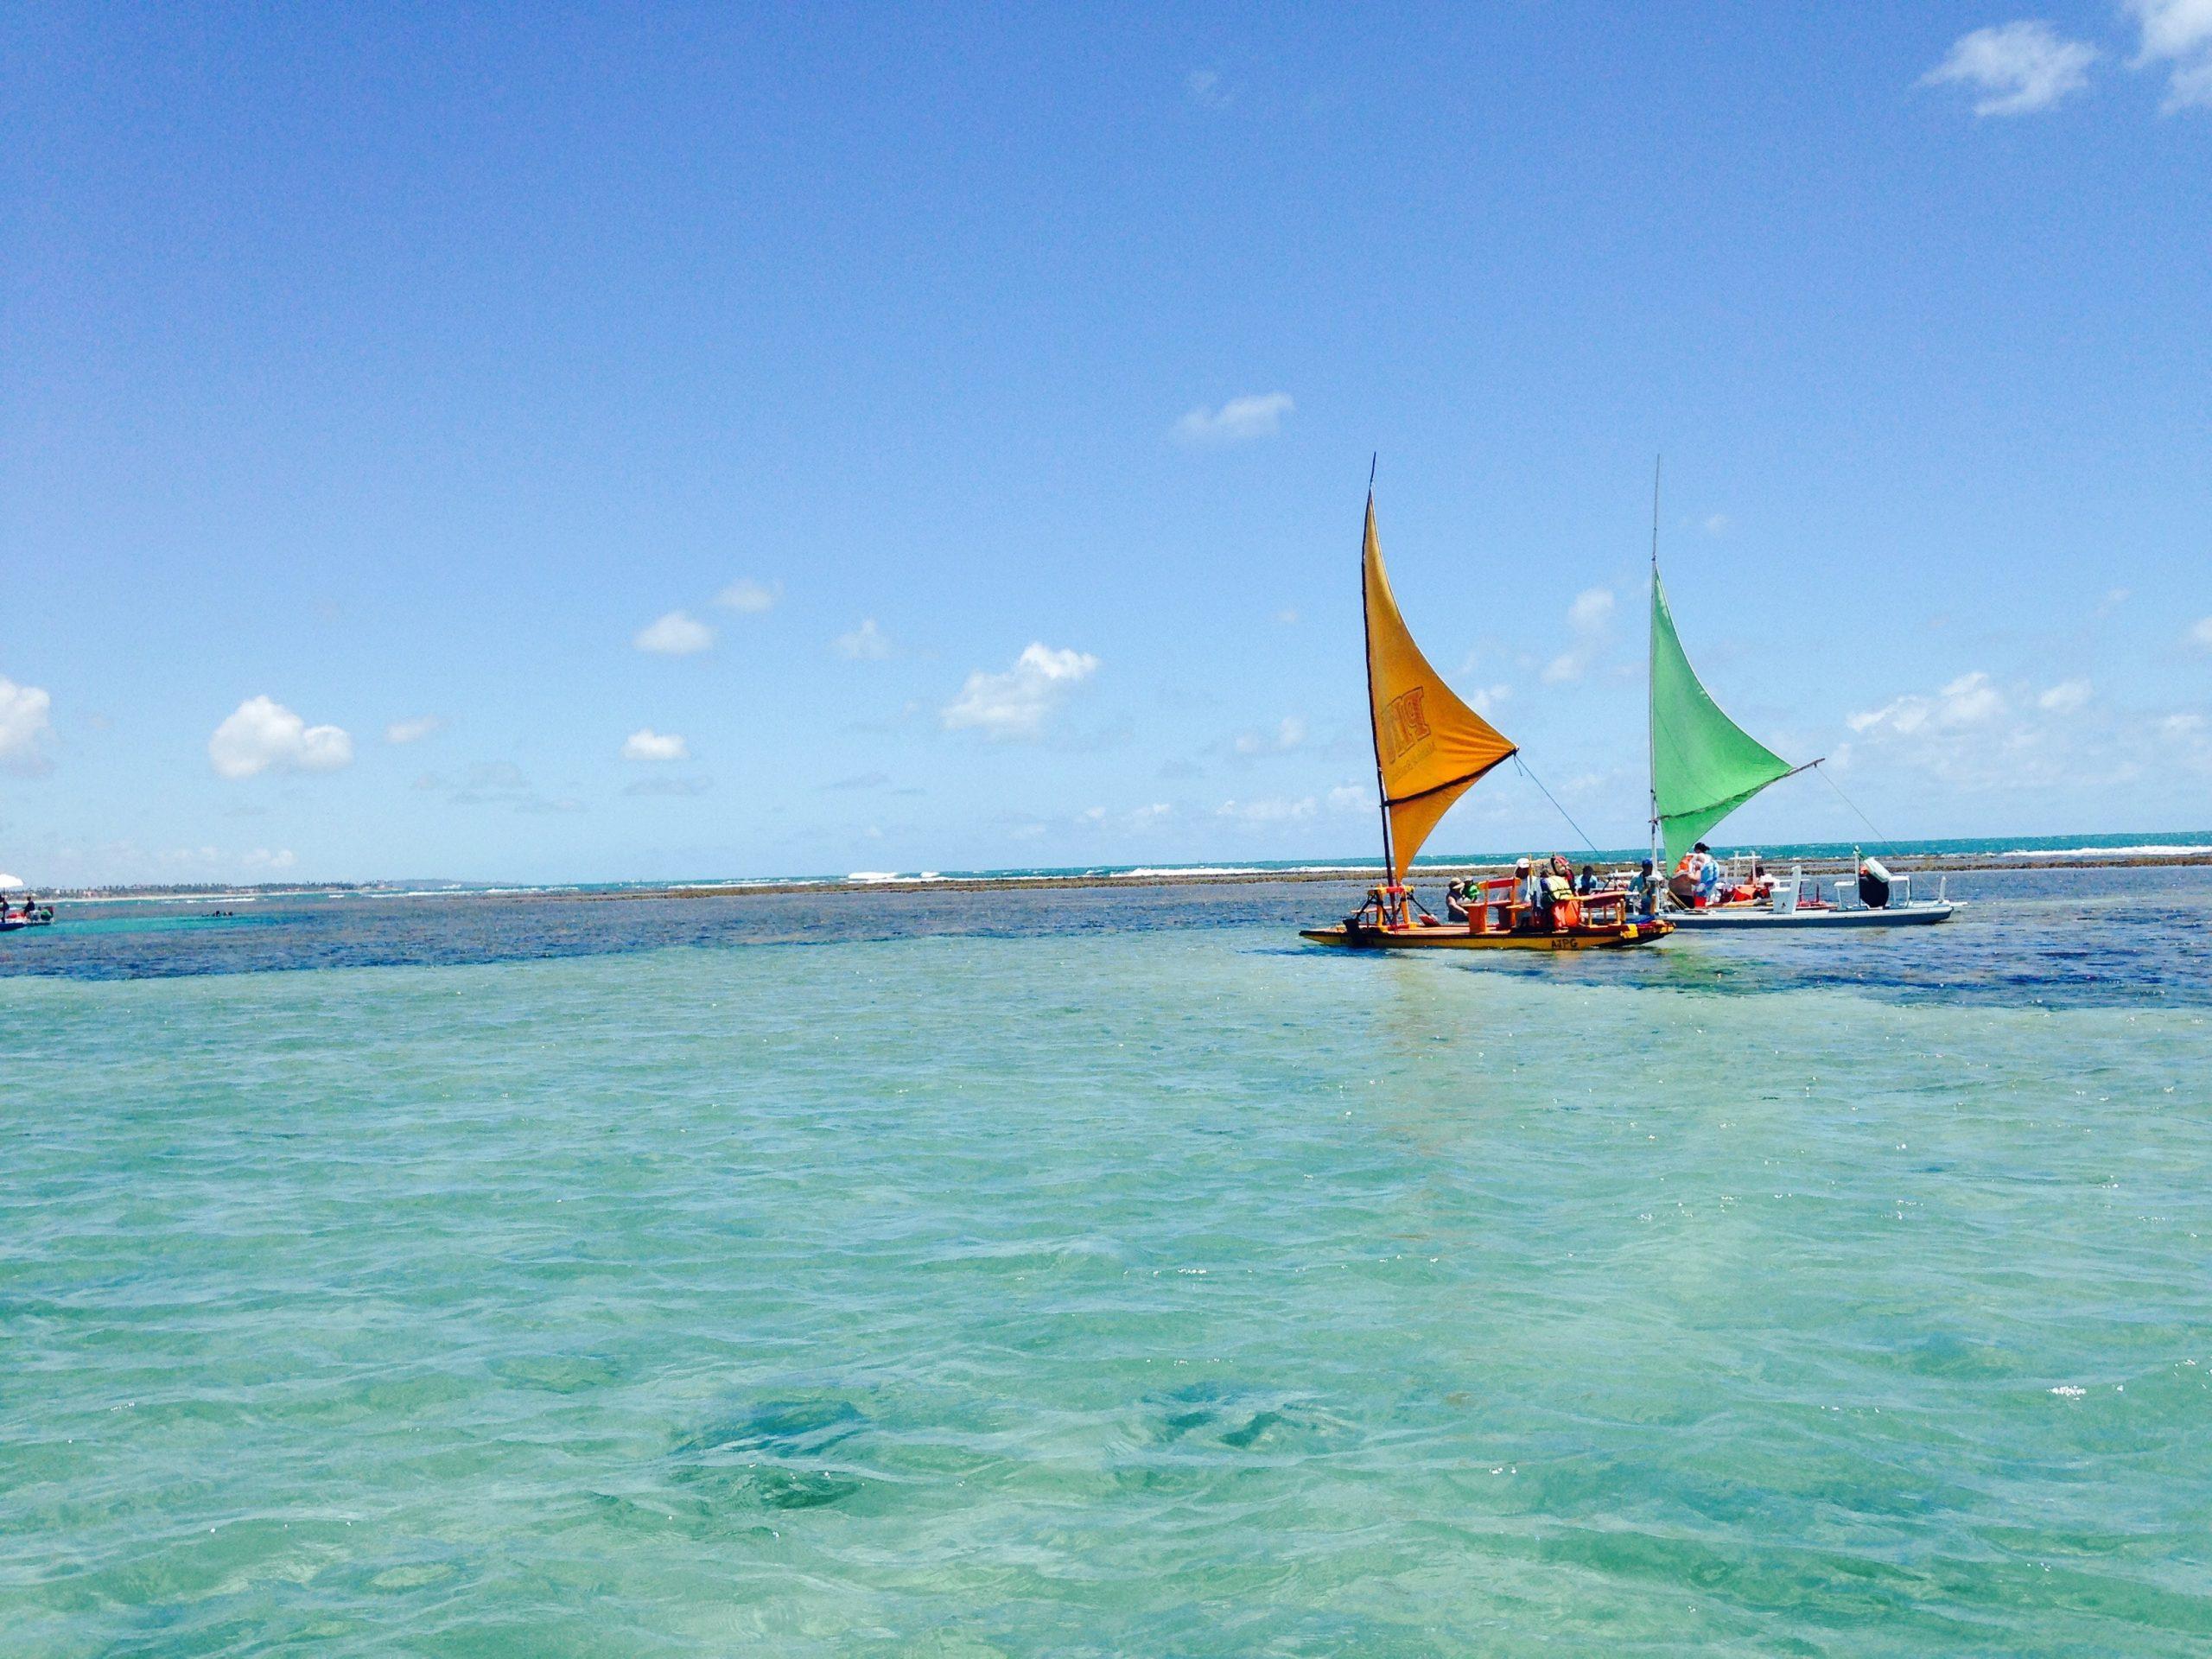 Porto de Galinhas recife